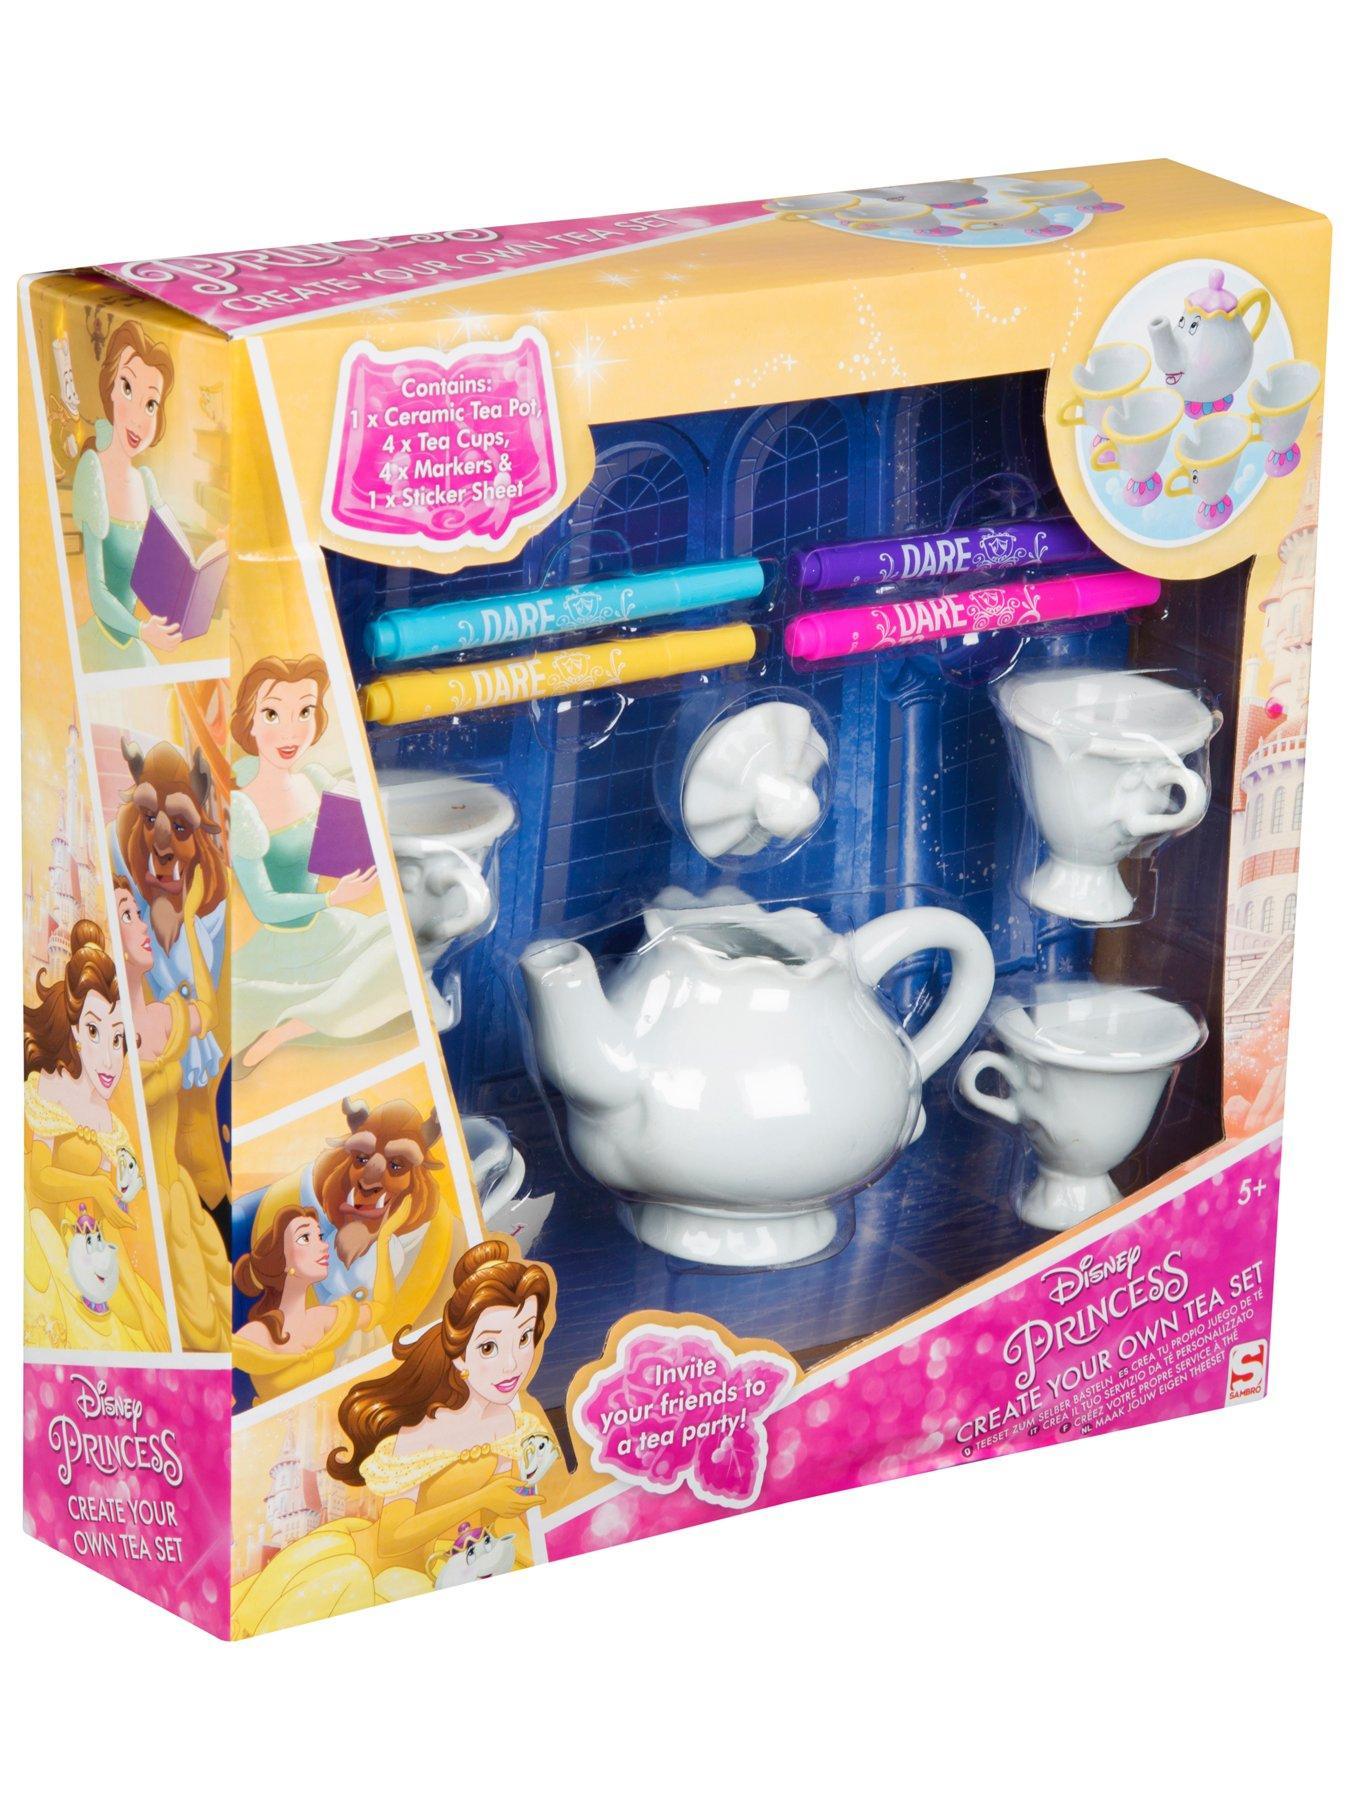 Disney Princess Belle Colour Your Own Mrs Potts Chip Tea